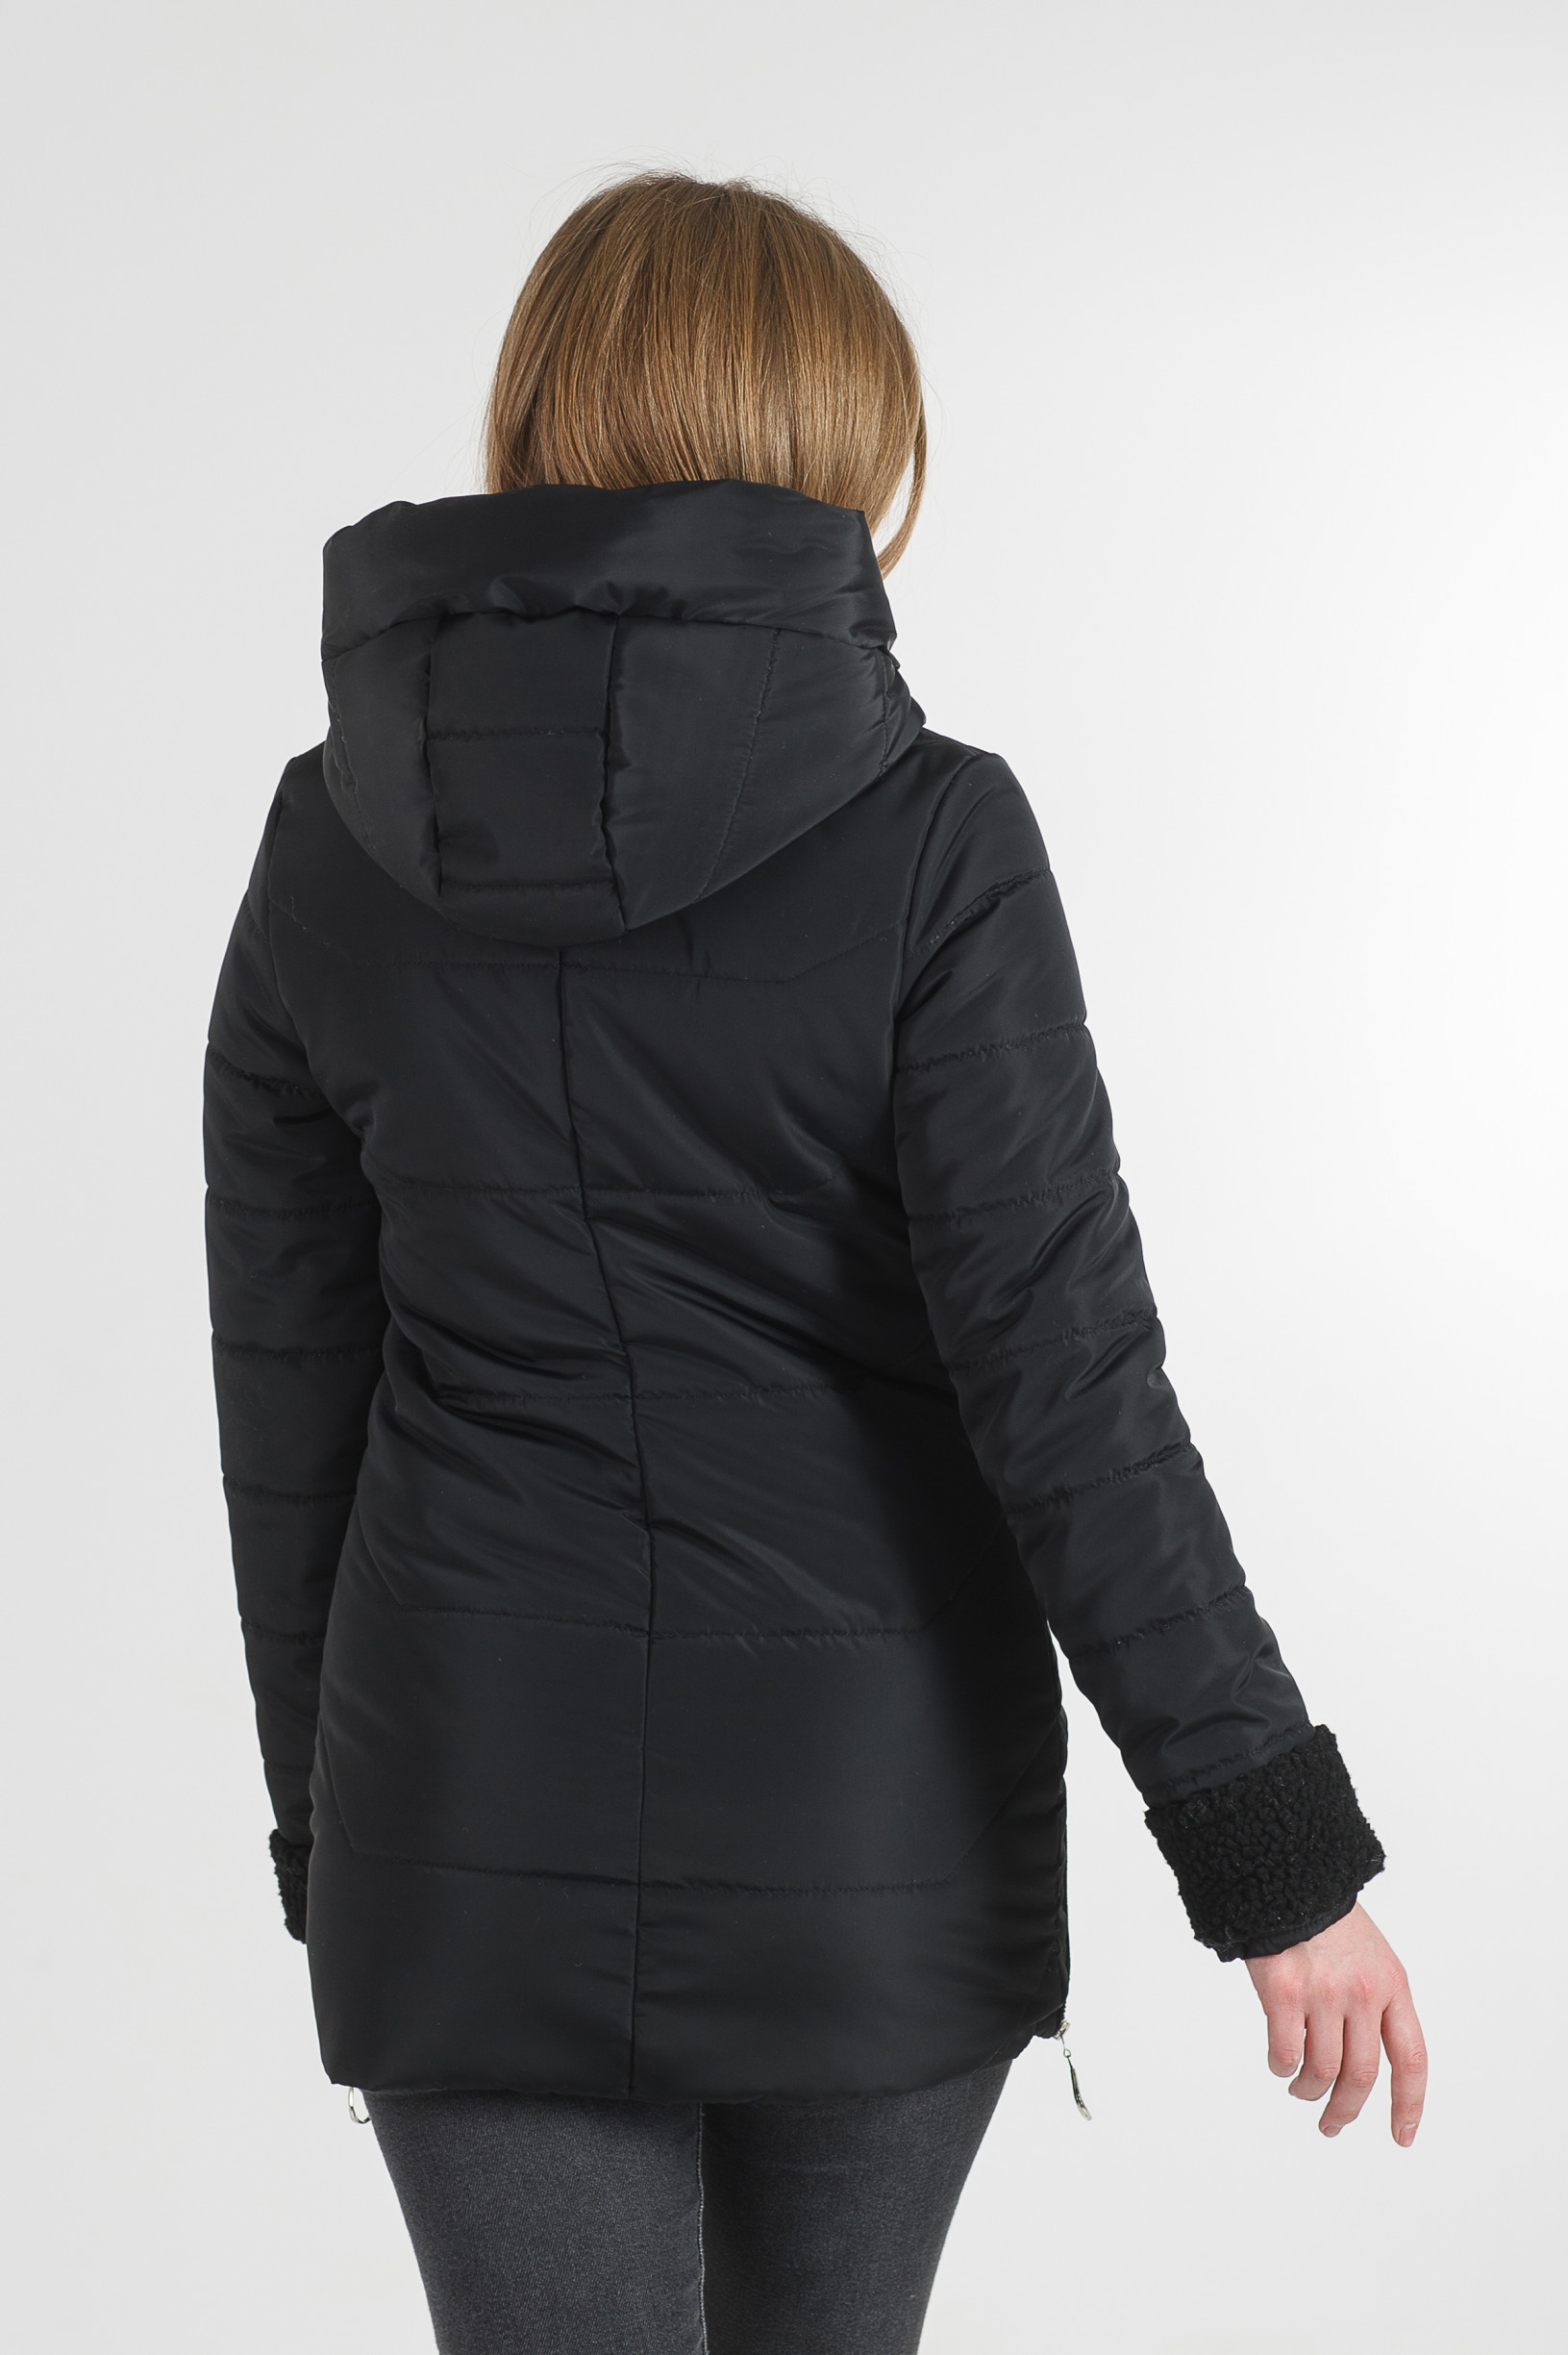 Тёплая весенняя удлинённая чёрная куртка Фокси